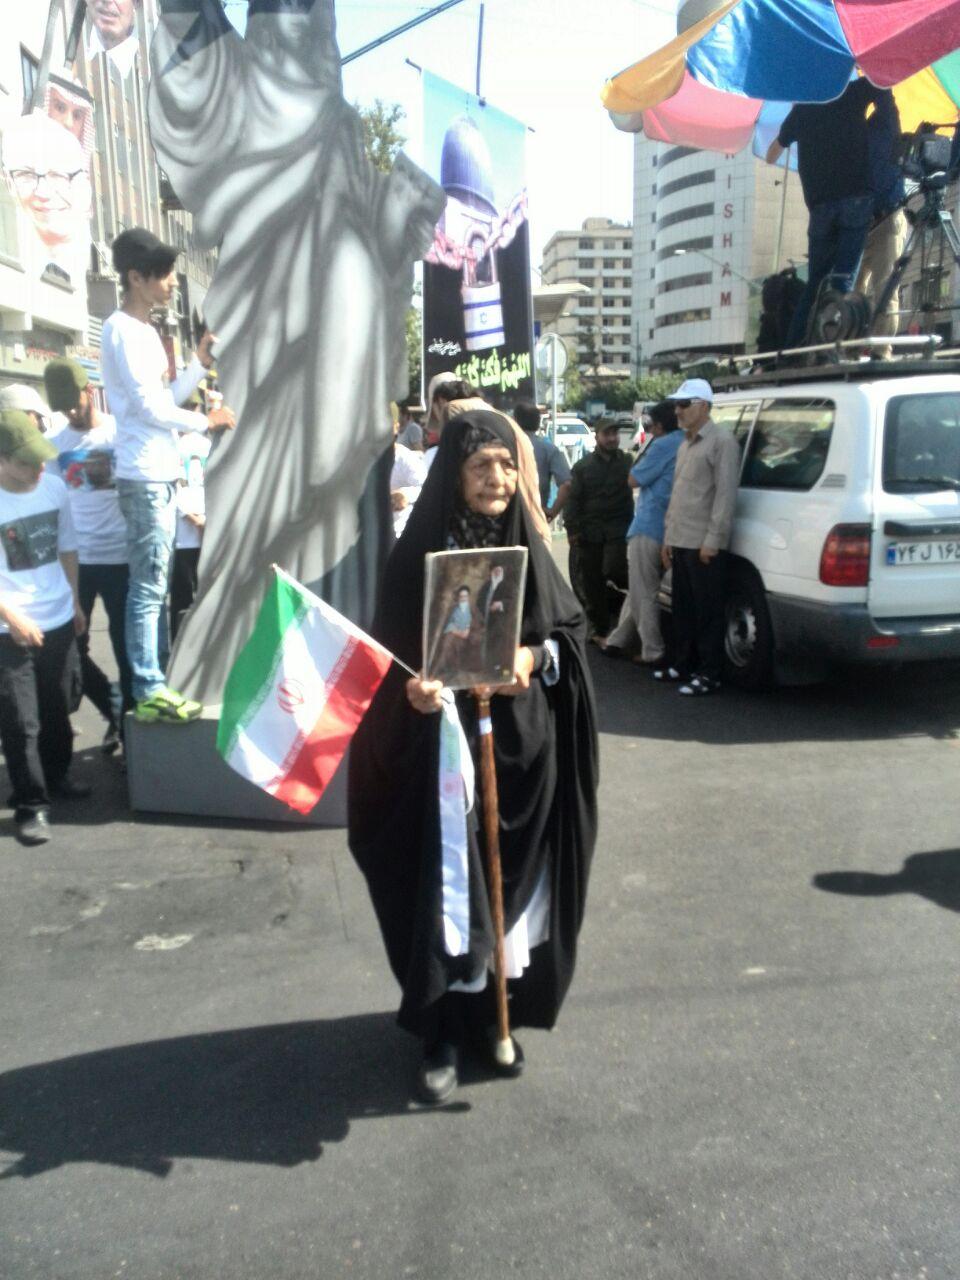 حضور پرشور مردم پیش از ساعت مقرر در راهپیمایی روز قدس+ تصویر